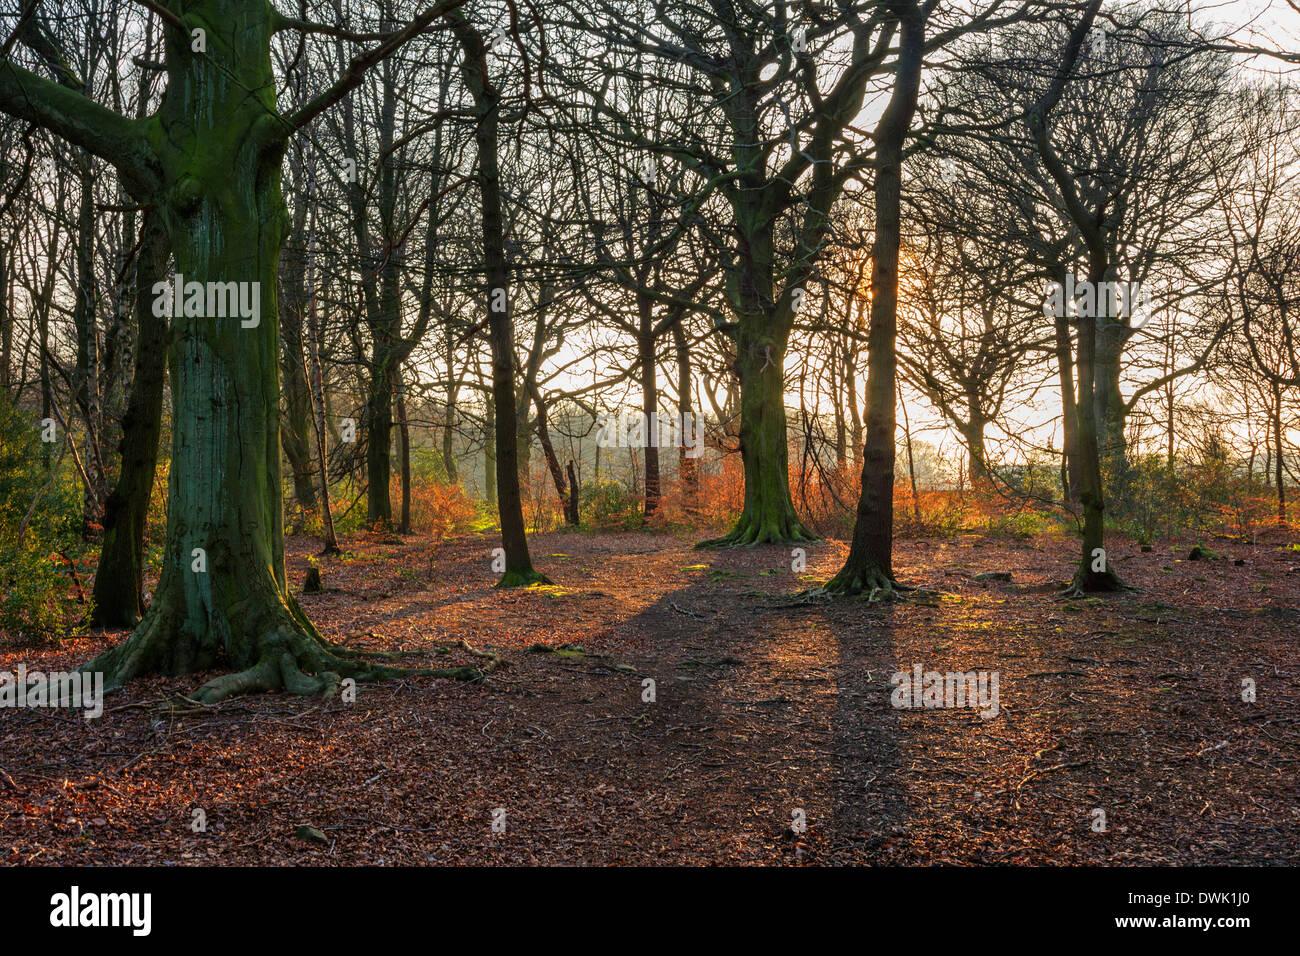 Bosco su un sentiero pubblico vicino Holmfirth nel sole del tardo pomeriggio, Holme Valley, West Yorkshire, Inghilterra, Regno Unito Immagini Stock